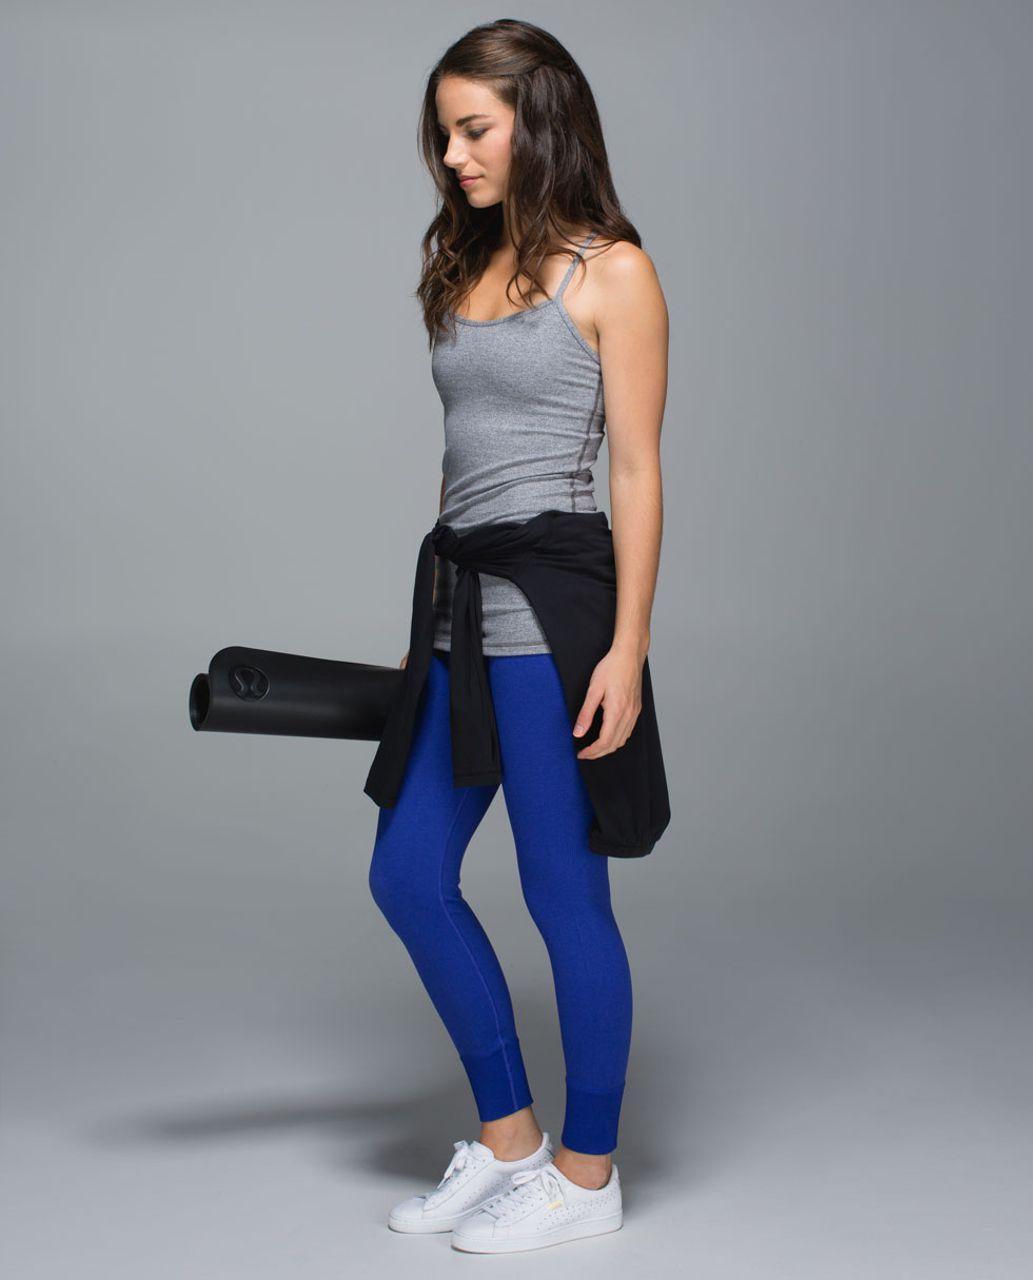 Lululemon Ebb To Street Pant - Heathered Pigment Blue